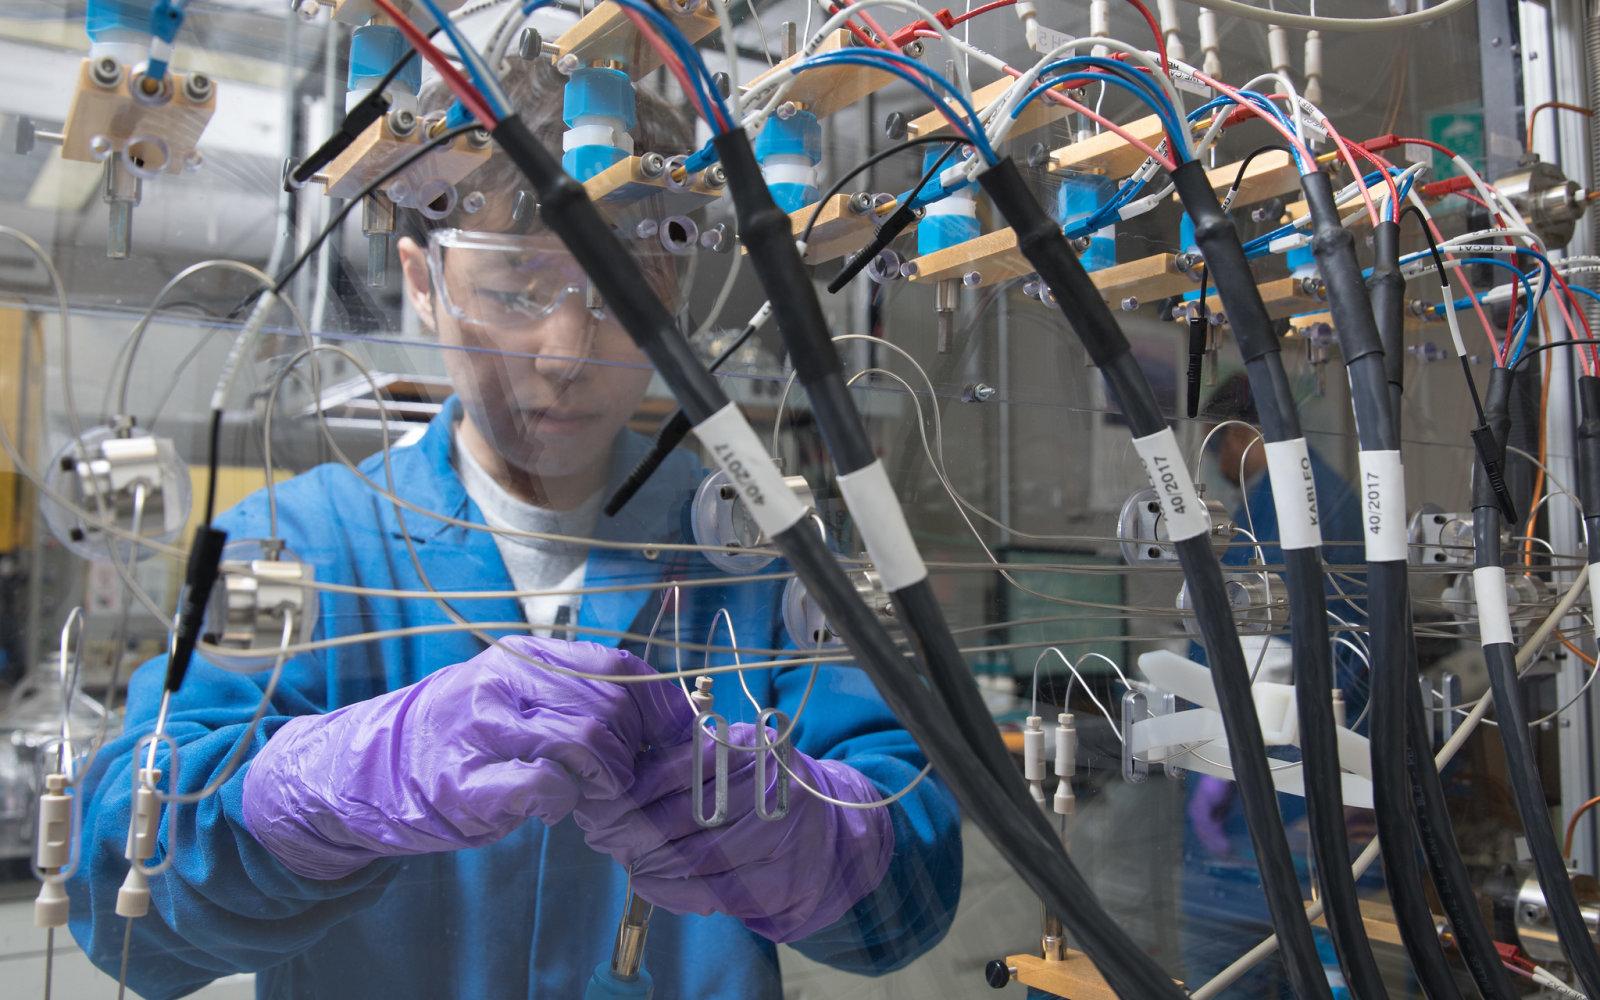 Специалистами IBM создан аккумулятор без кобальта, превосходящий современные литий-ионные аккумуляторы